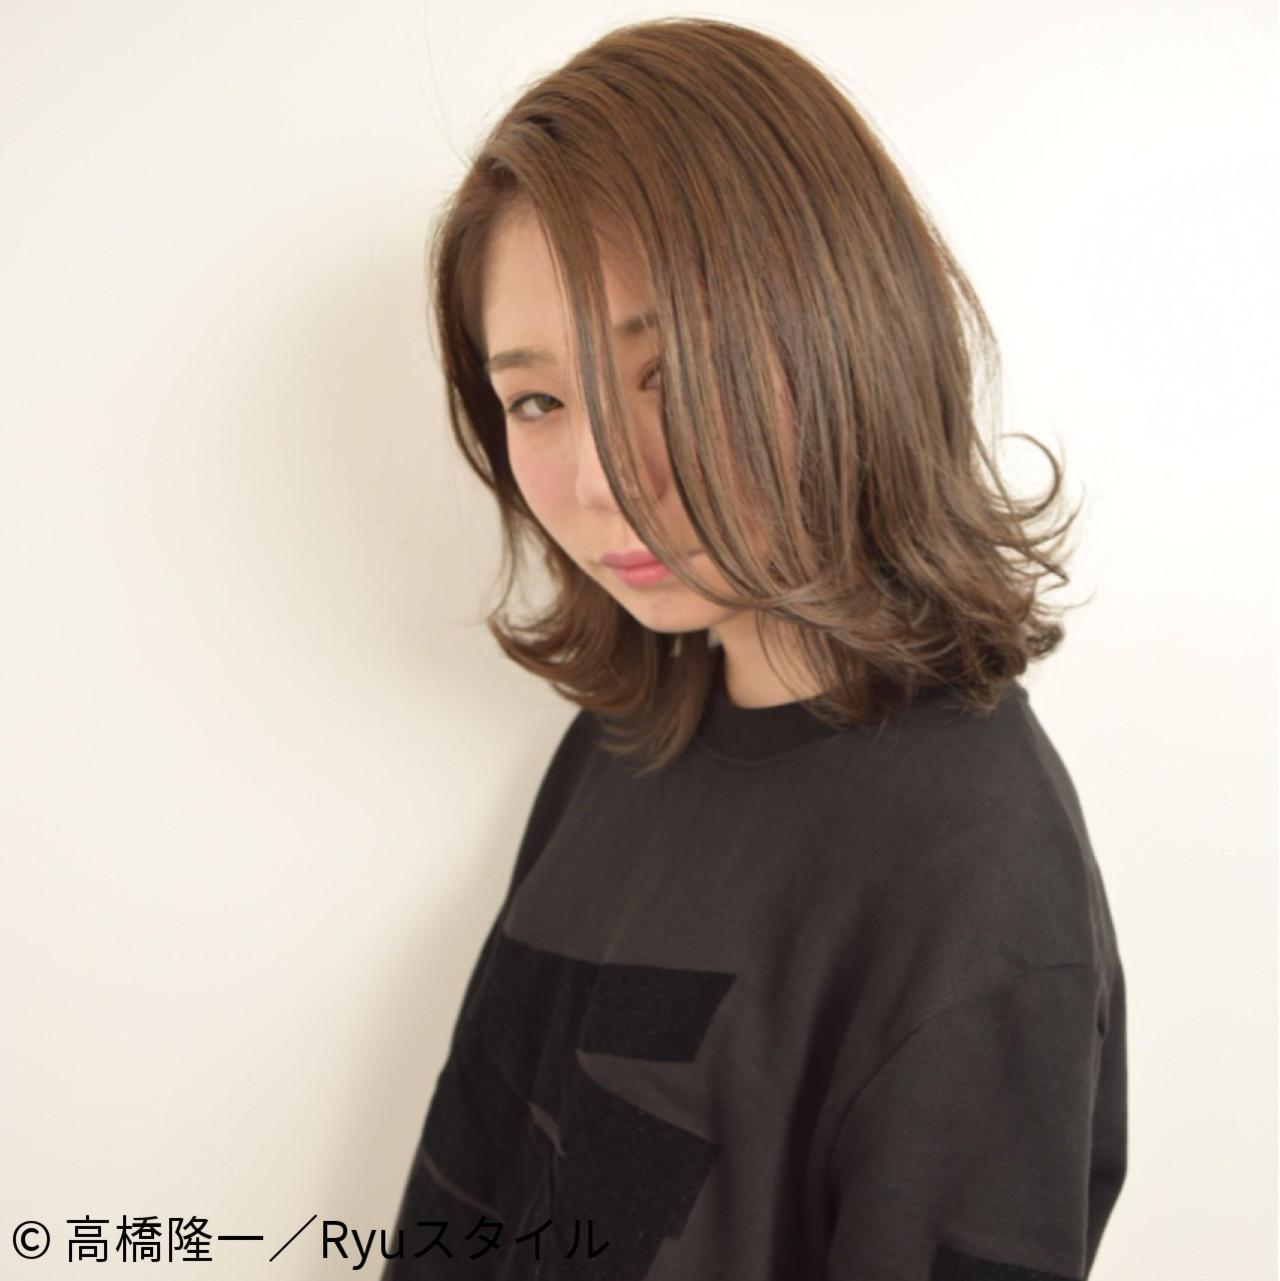 ウェットヘア 外国人風 ナチュラル アッシュヘアスタイルや髪型の写真・画像